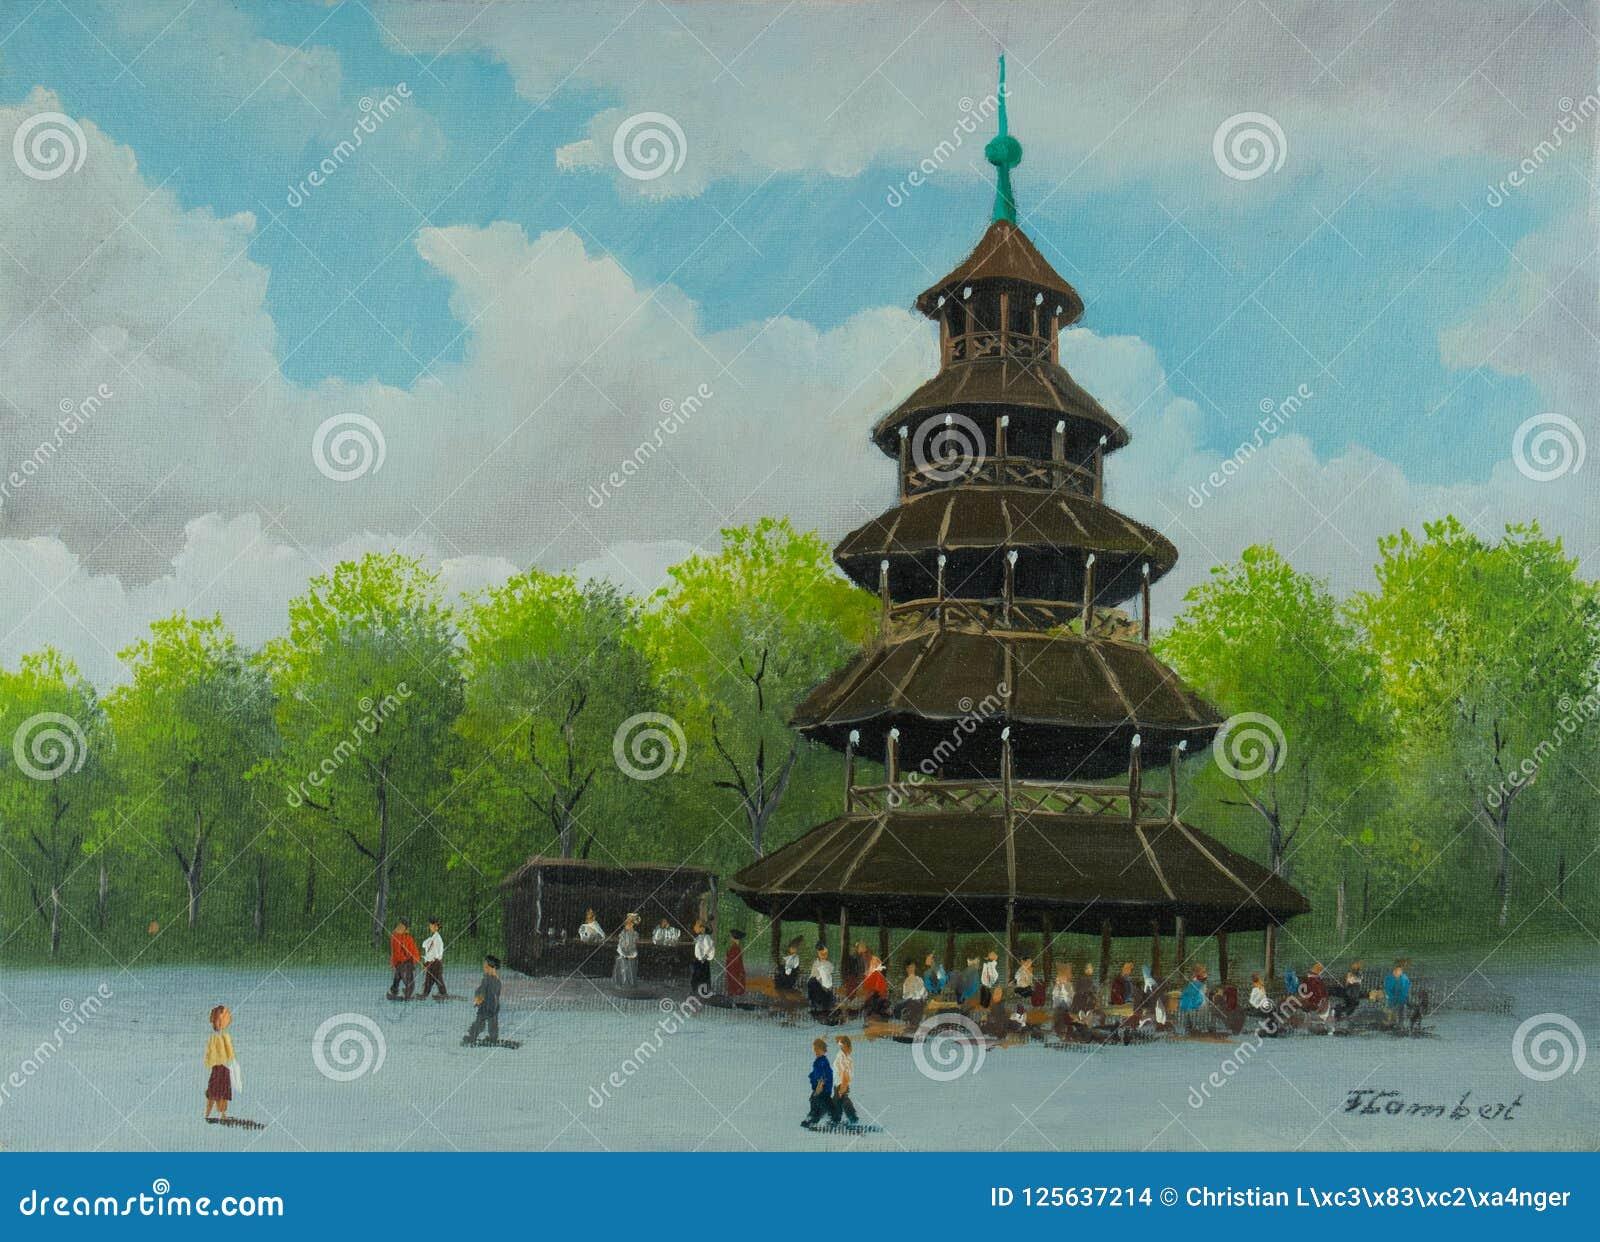 Китайская башня в английском саде в Мюнхене